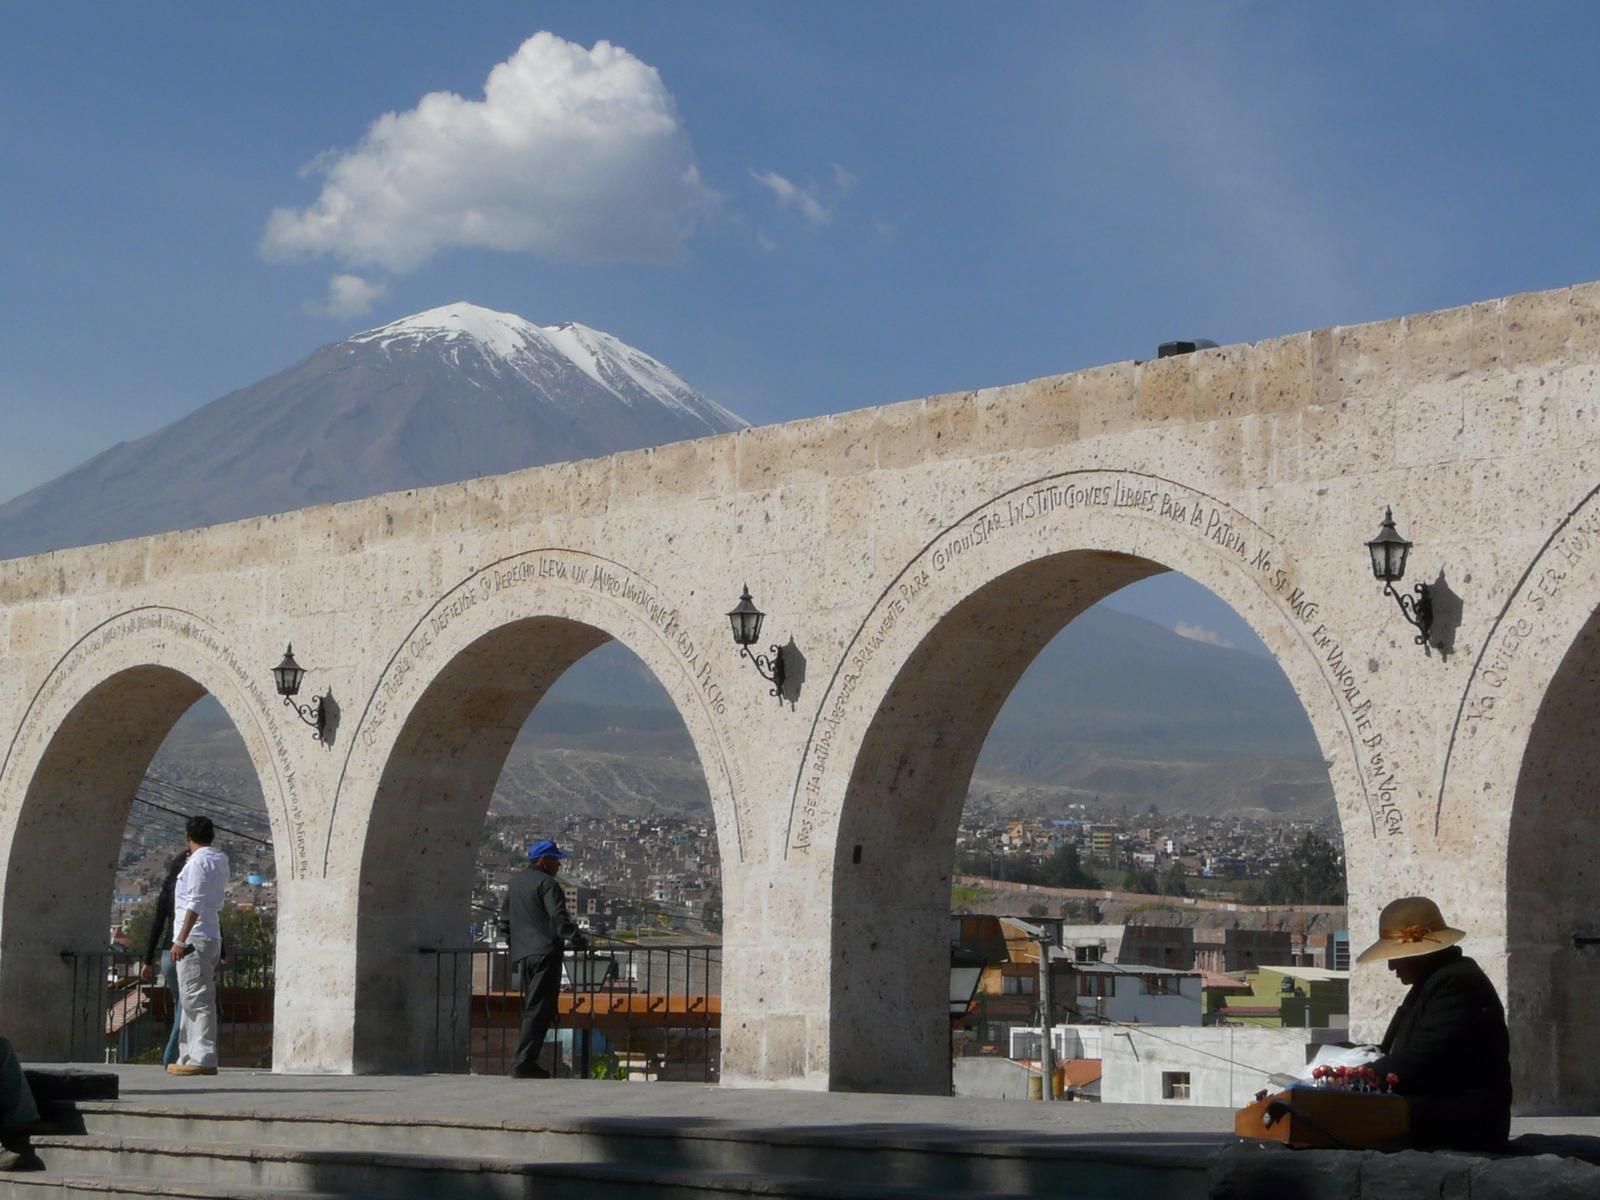 70 delegaciones de diferentes países llegarán a Arequipa para participar del Congreso Mundial de Ciudades Patrimonio